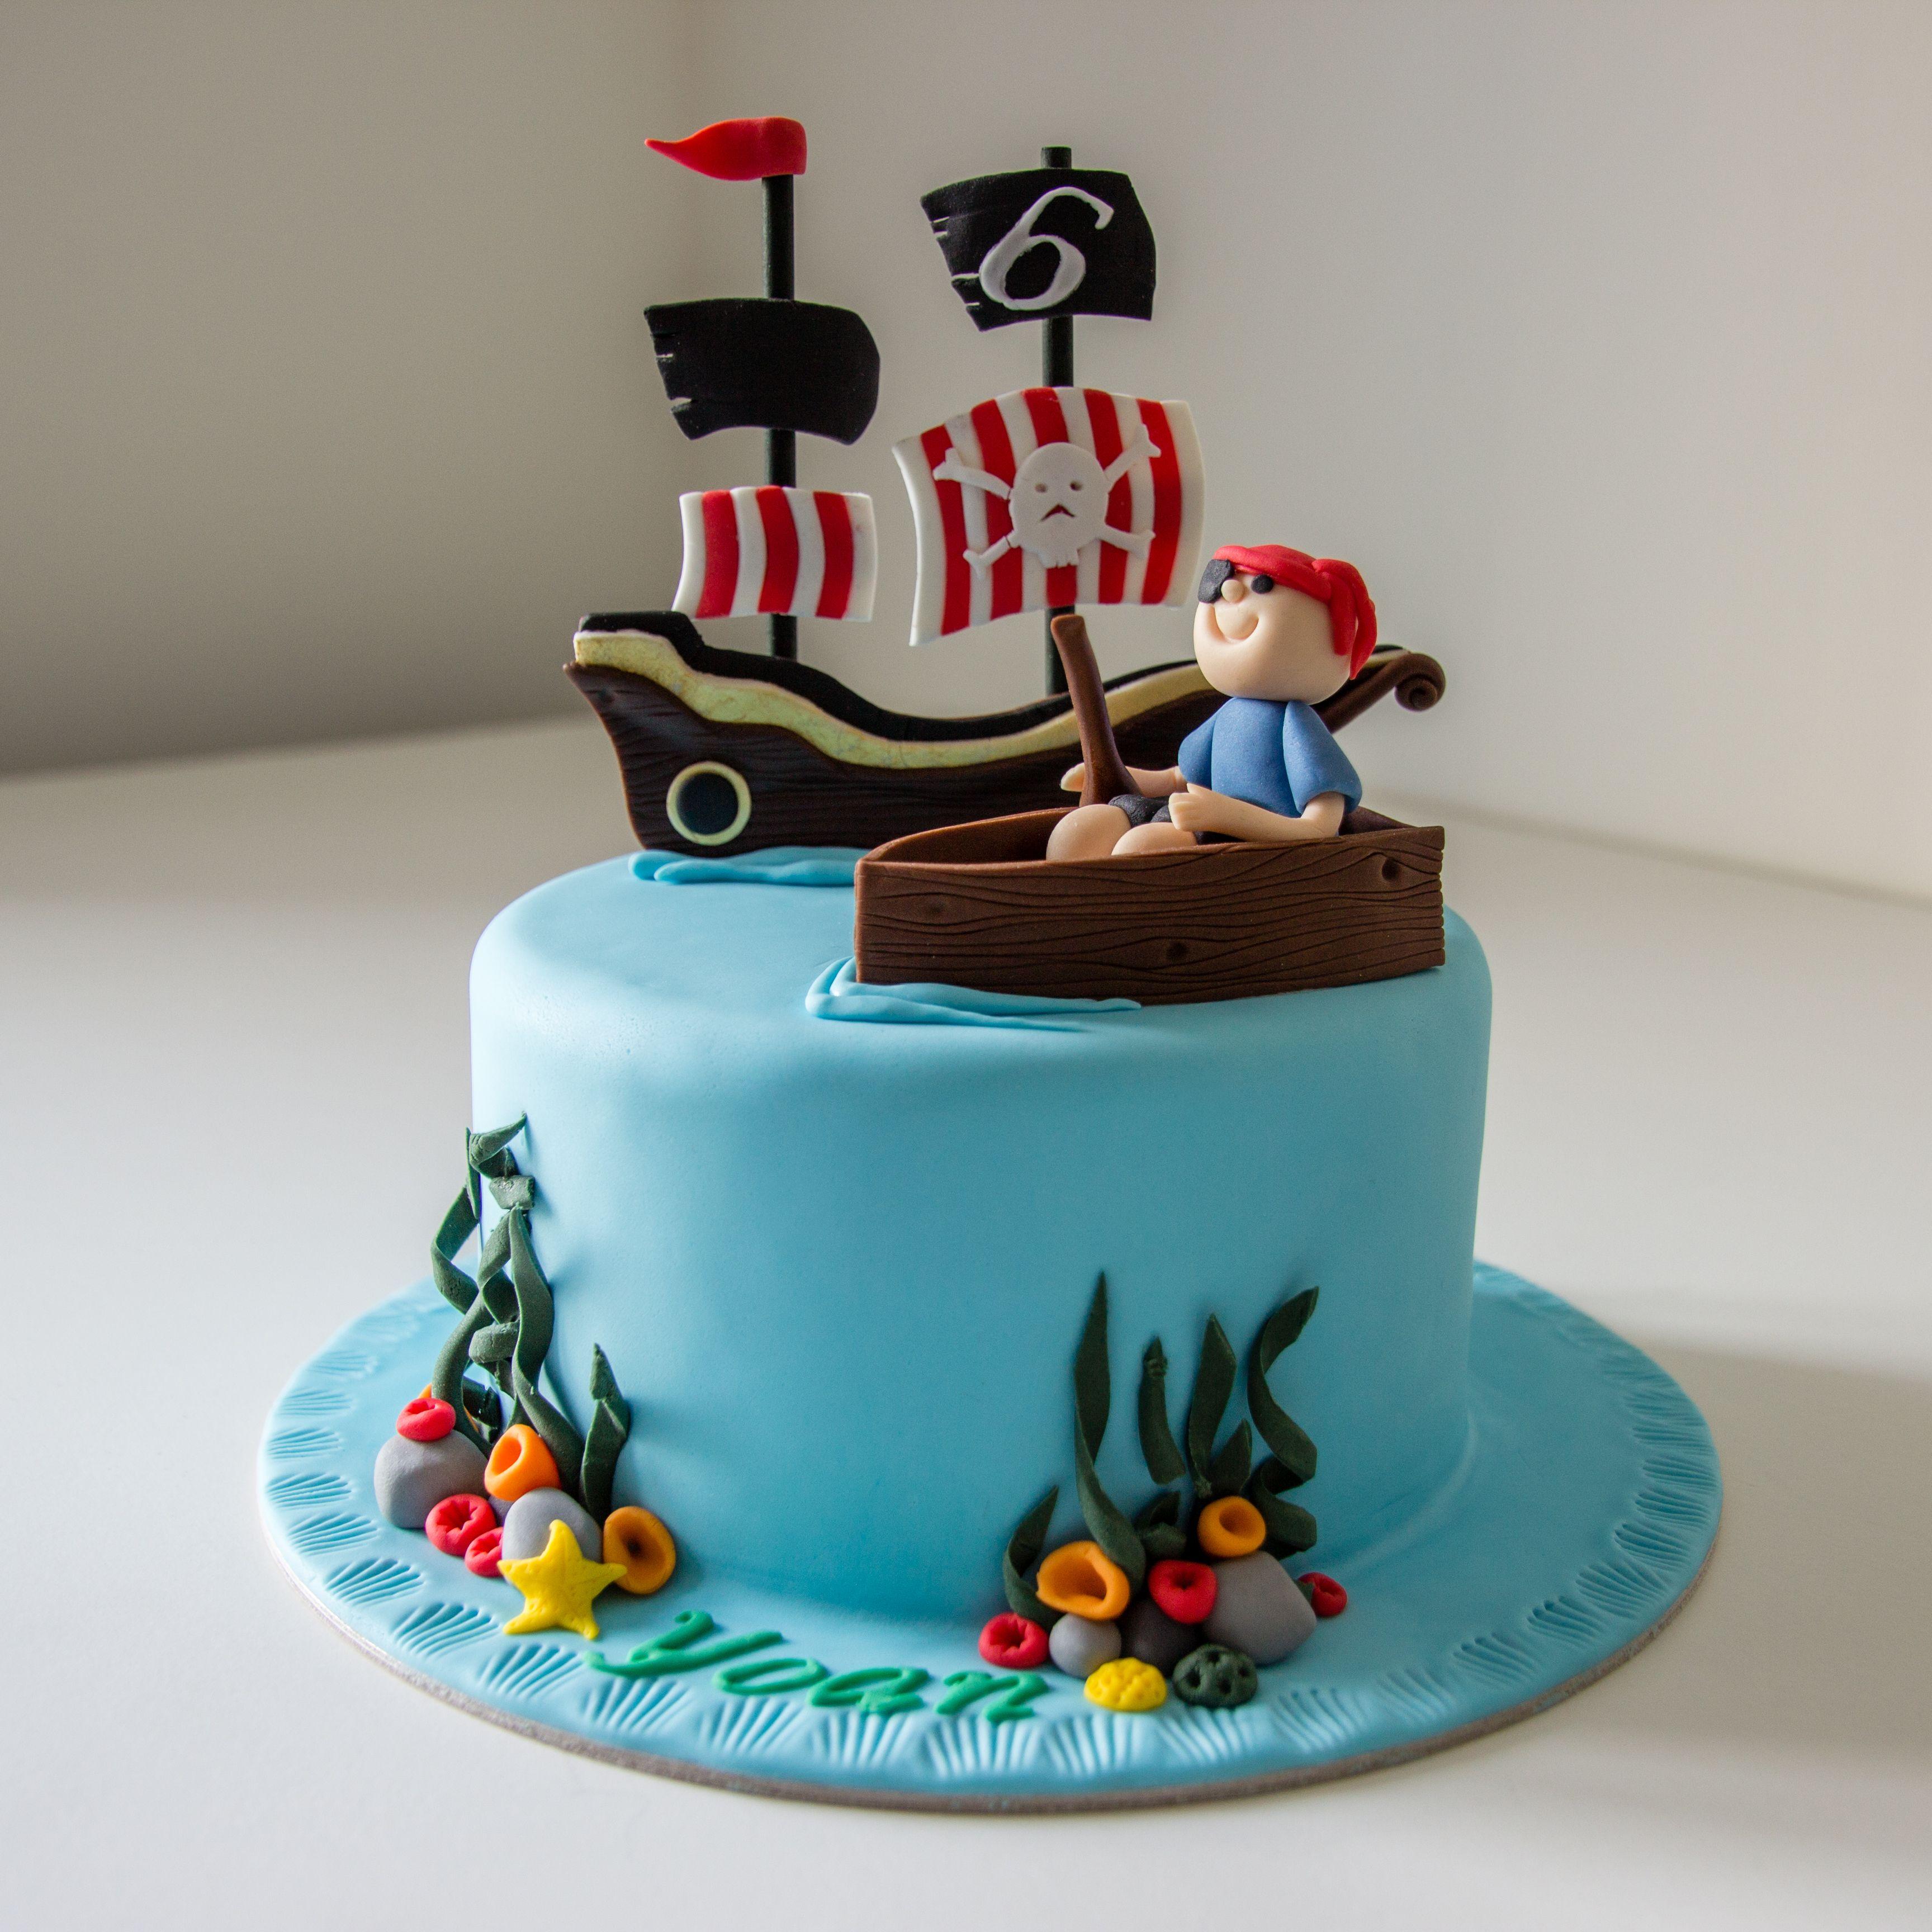 Открытки днем, картинки с пиратской тематикой для фотопринтера на торт